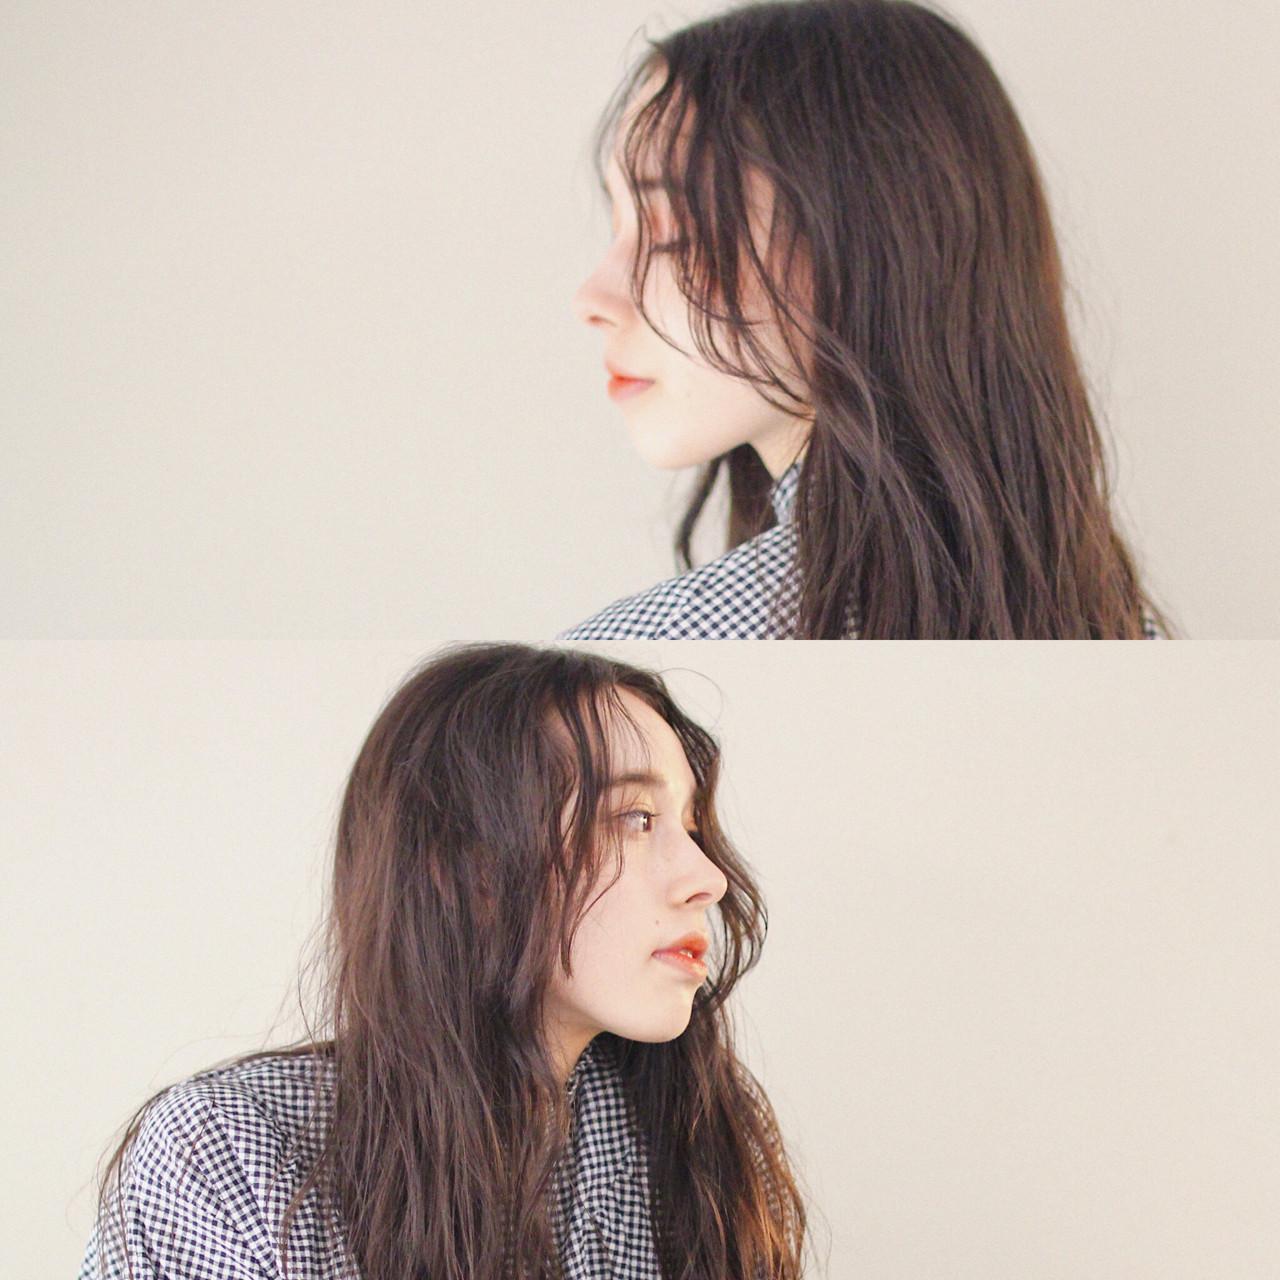 女子力 ウェーブ モード 外国人風 ヘアスタイルや髪型の写真・画像